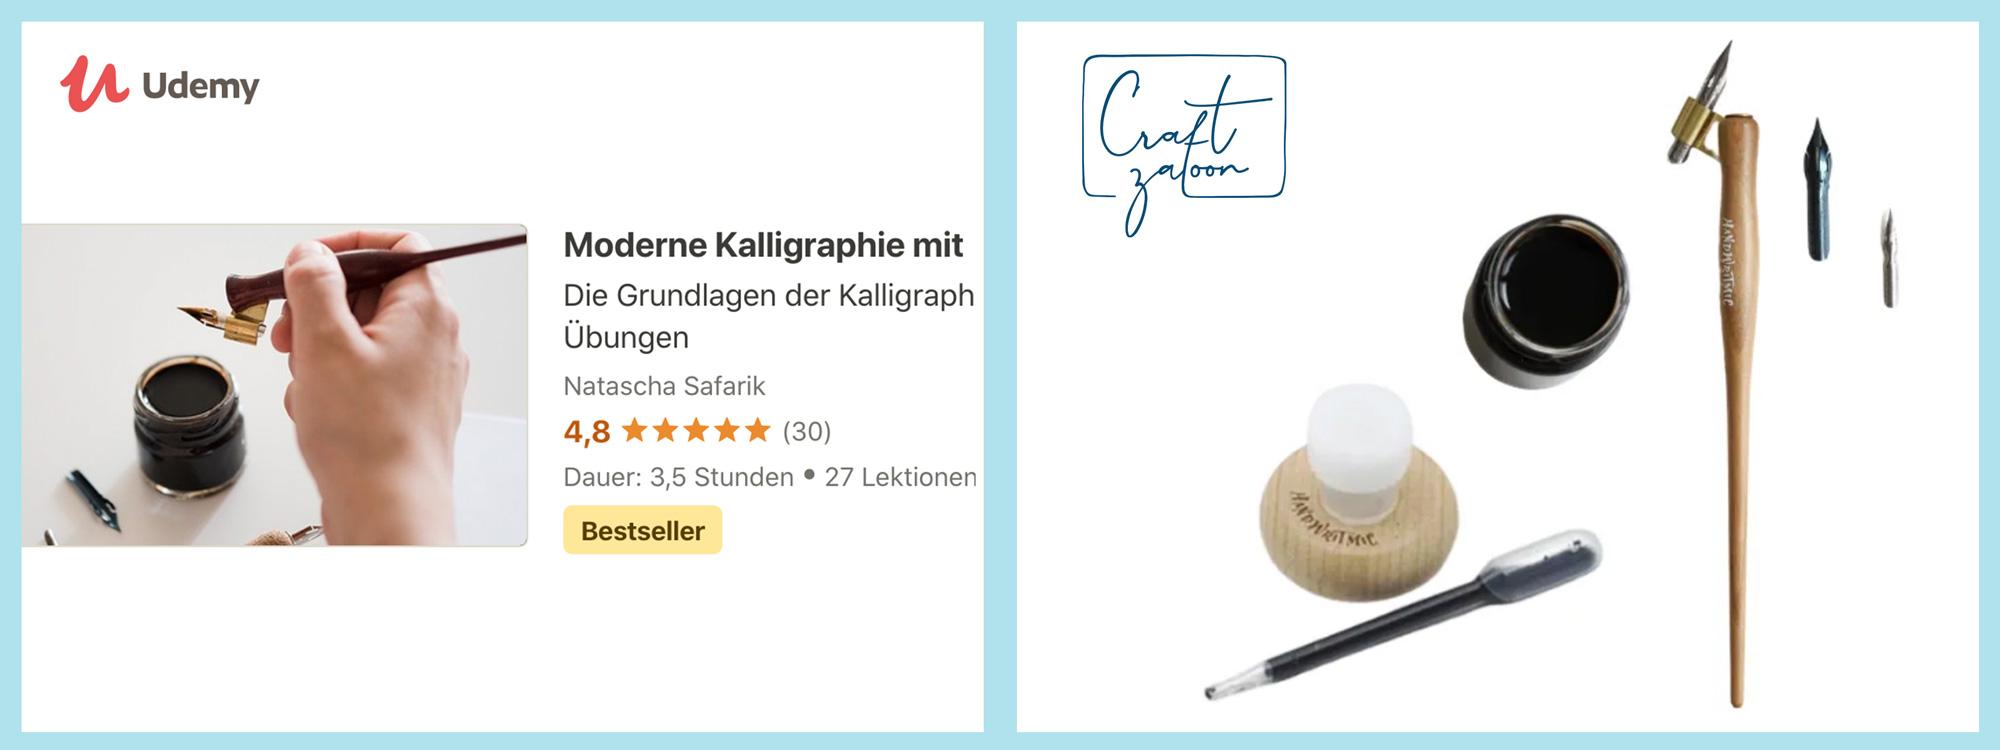 moderne kalligraphie online